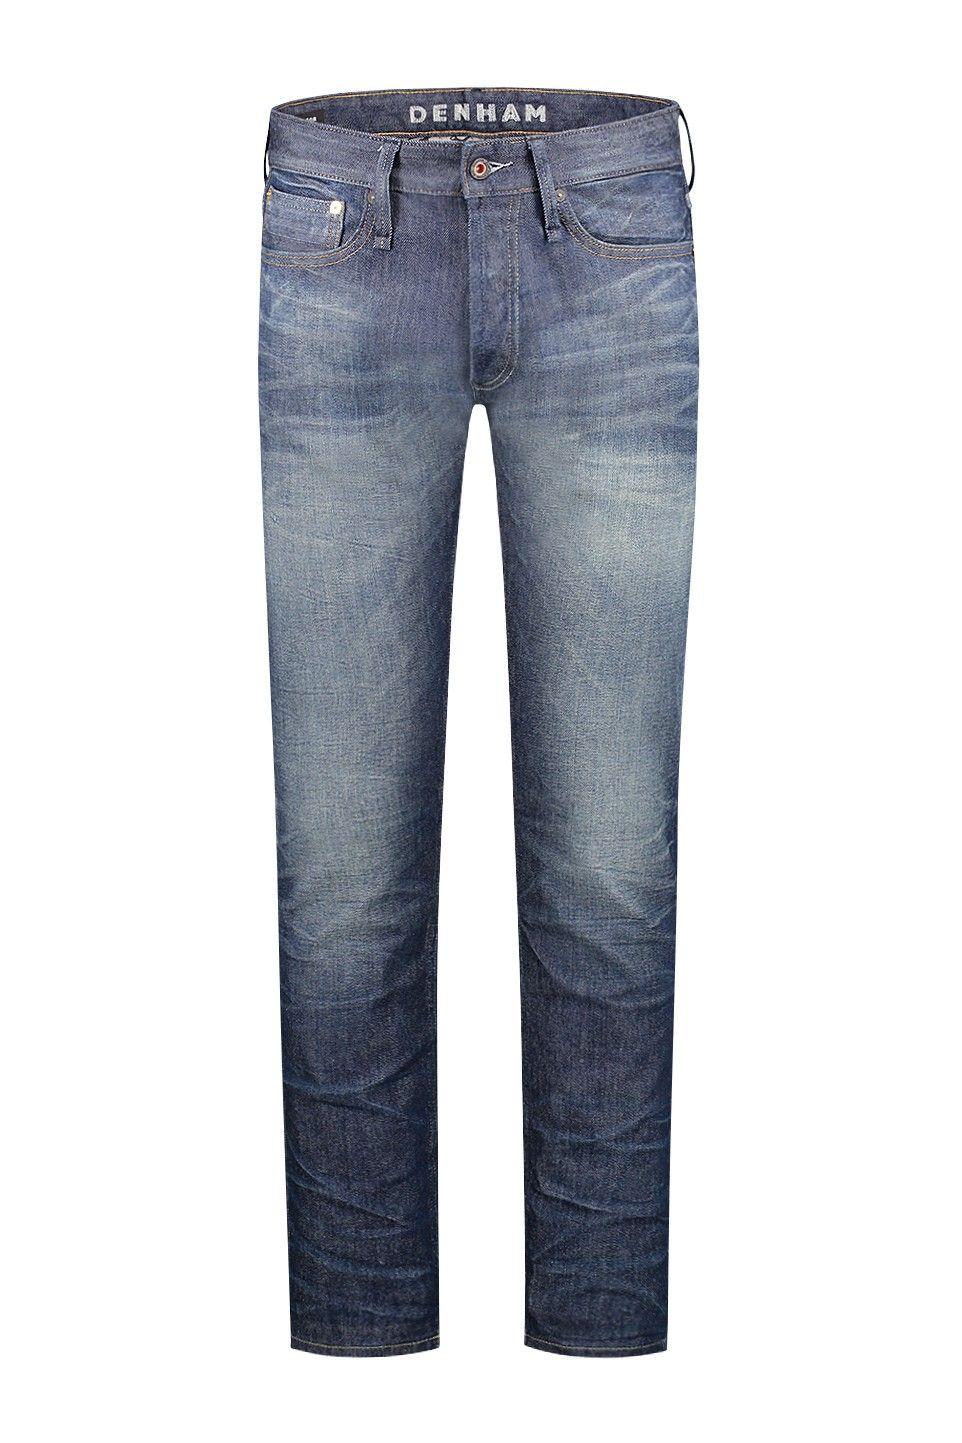 c3c14c88 Denham Jeans Razor GRNVS - 01-17-08-11-012   Denham The Jeanmaker in ...